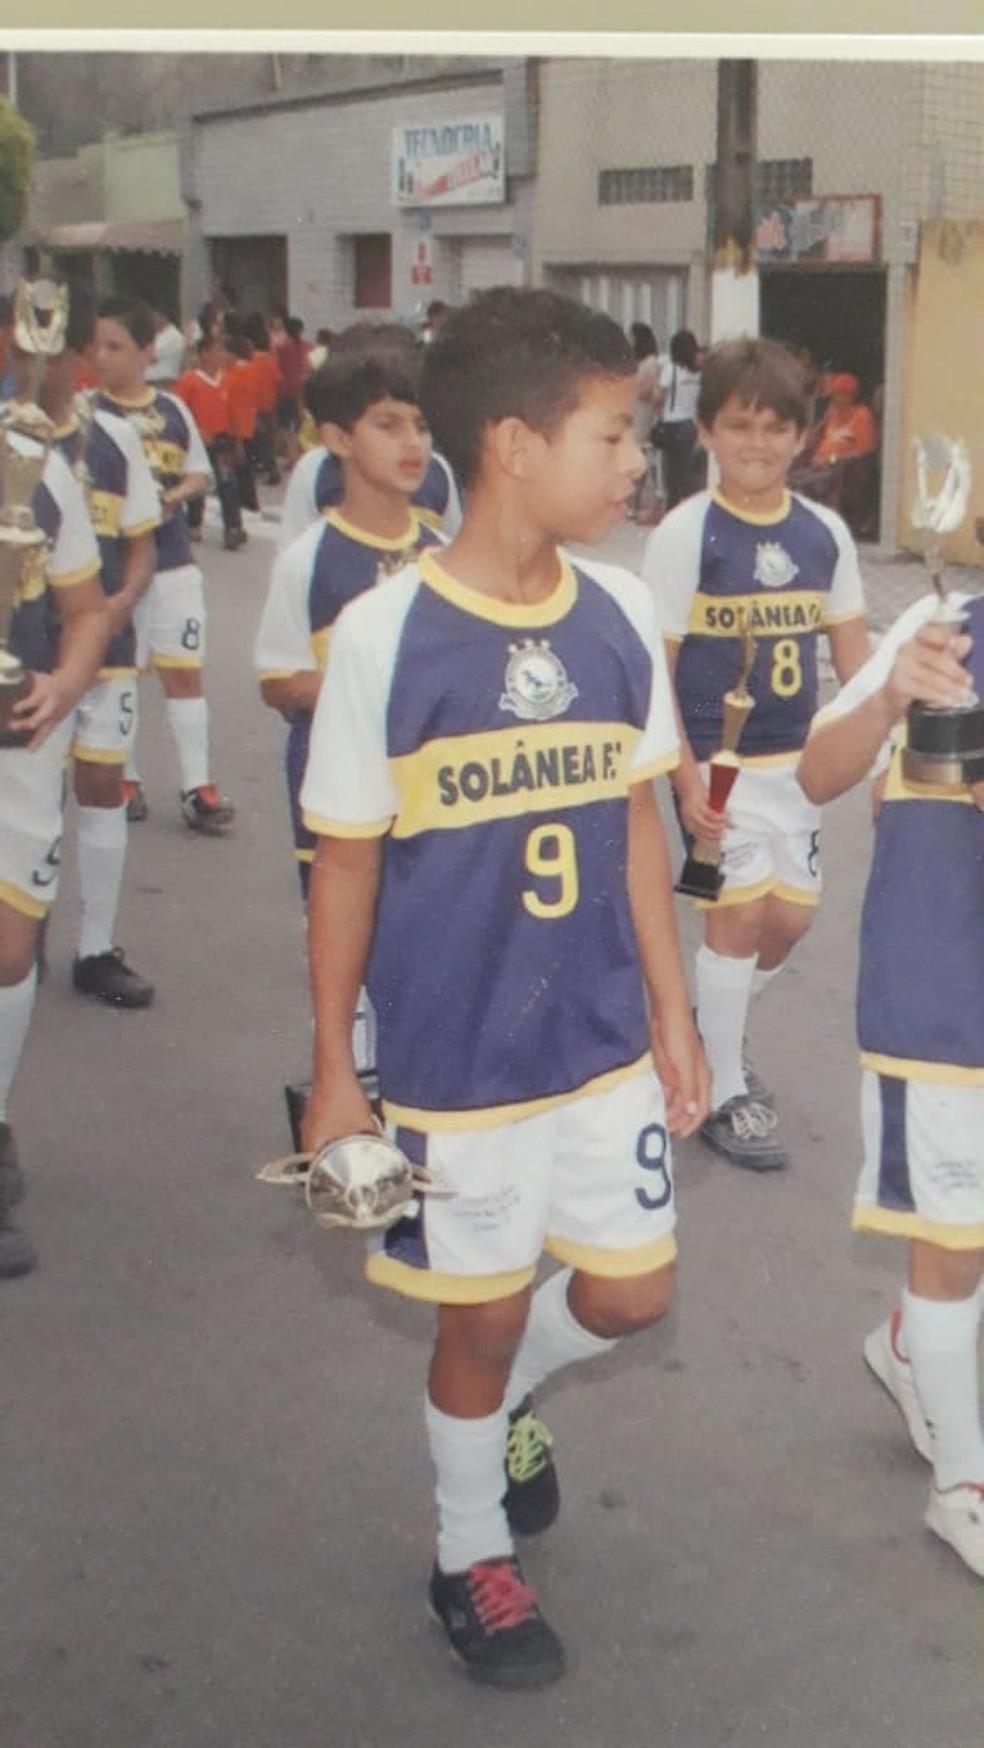 """Jogador em desfile pela escolinha do pai """"Livro na mão, bola no pé"""" em Solânea — Foto: Arquivo Pessoal"""